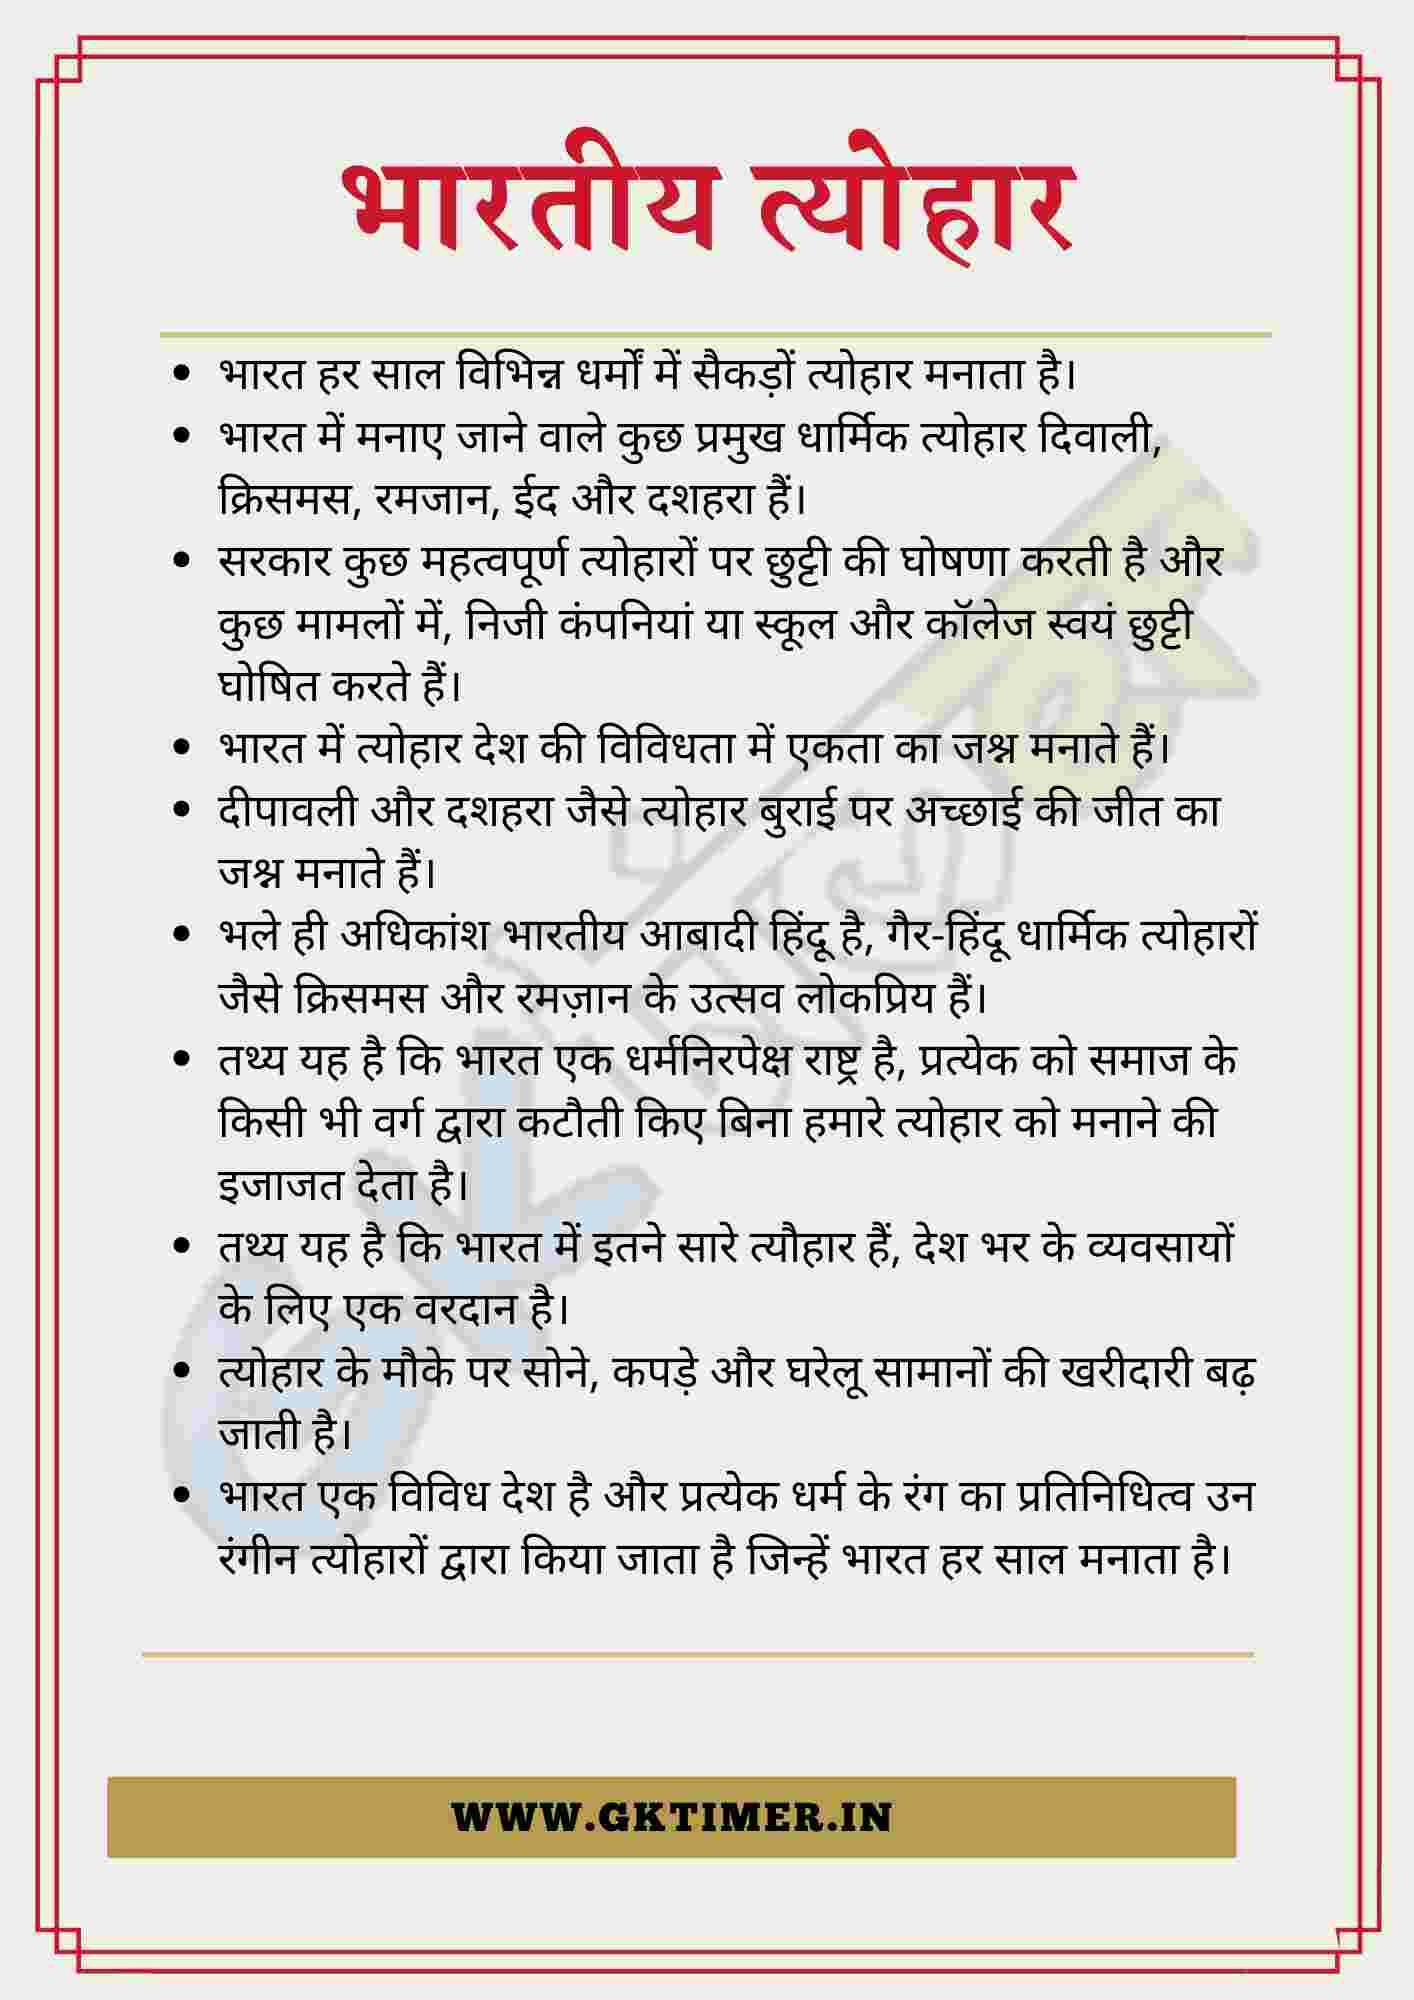 भारतीय त्योहारों पर निबंध | Indian Festivals Essay in Hindi | 10 Lines on Indian Festivals in Hindi